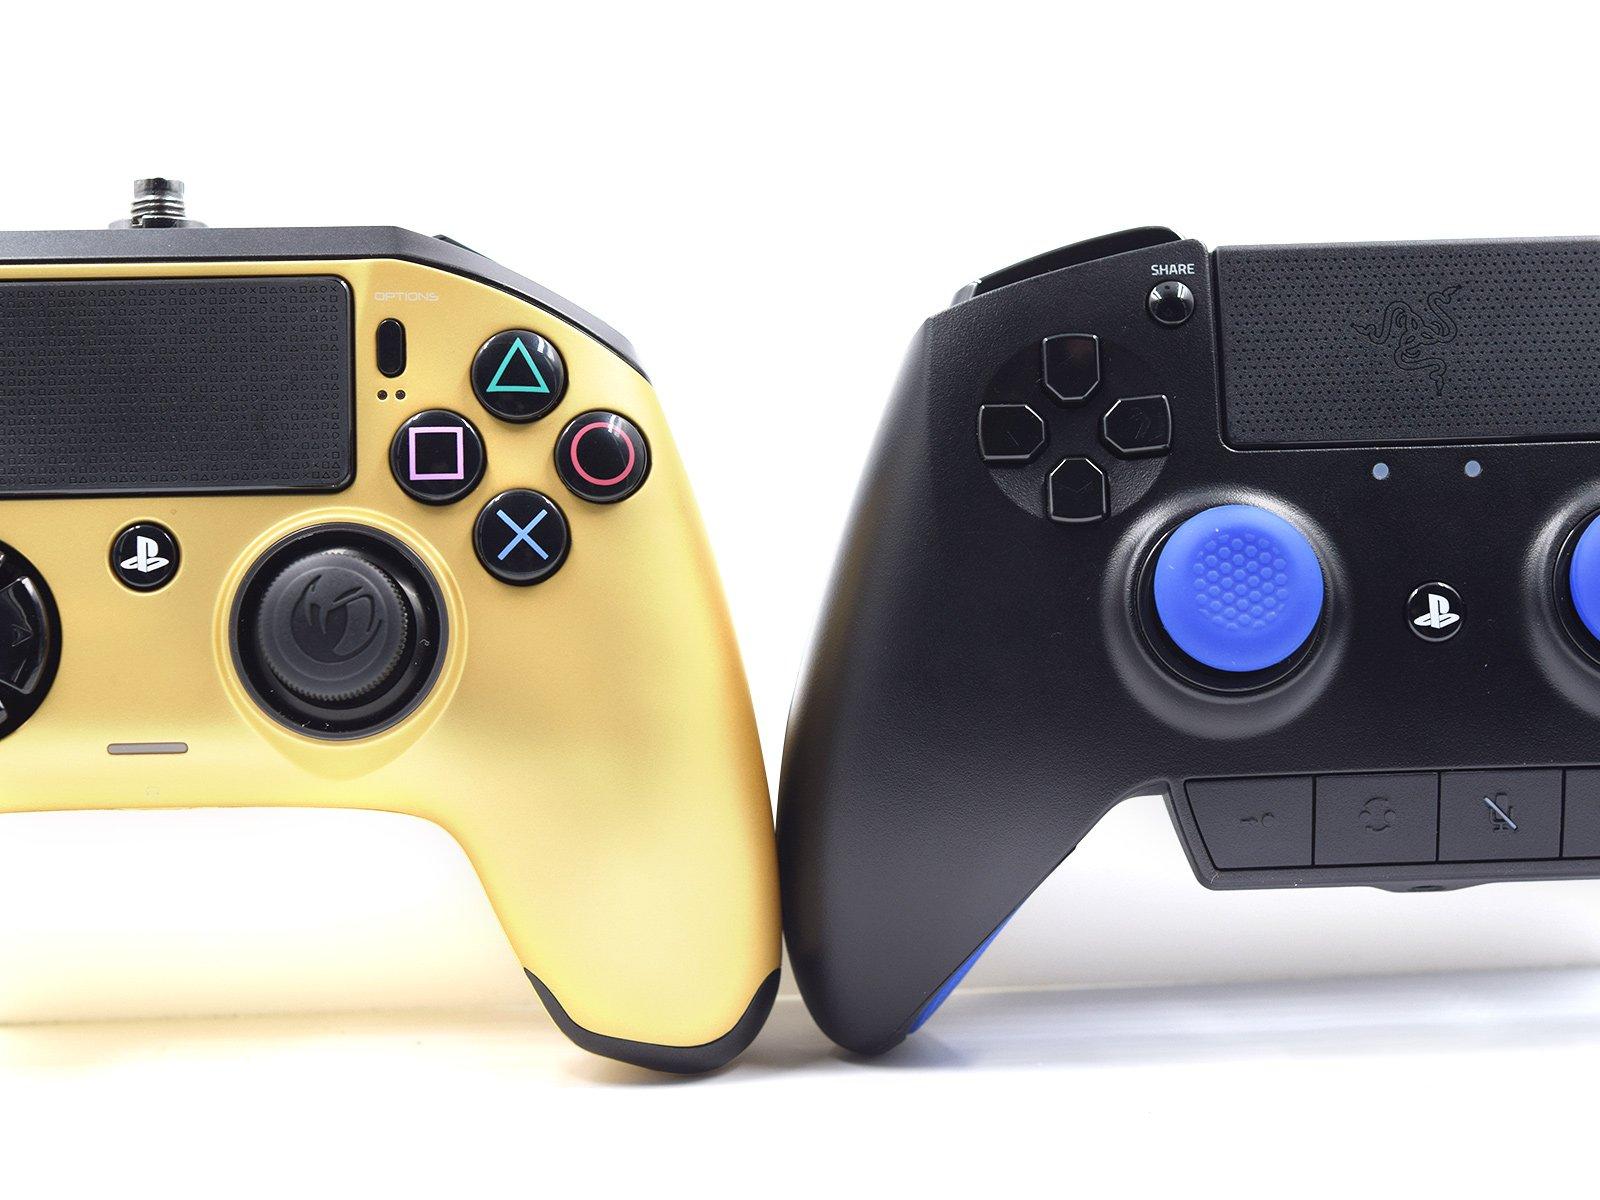 Razer Raiju VS Nacon Revolution Controllers Comparison